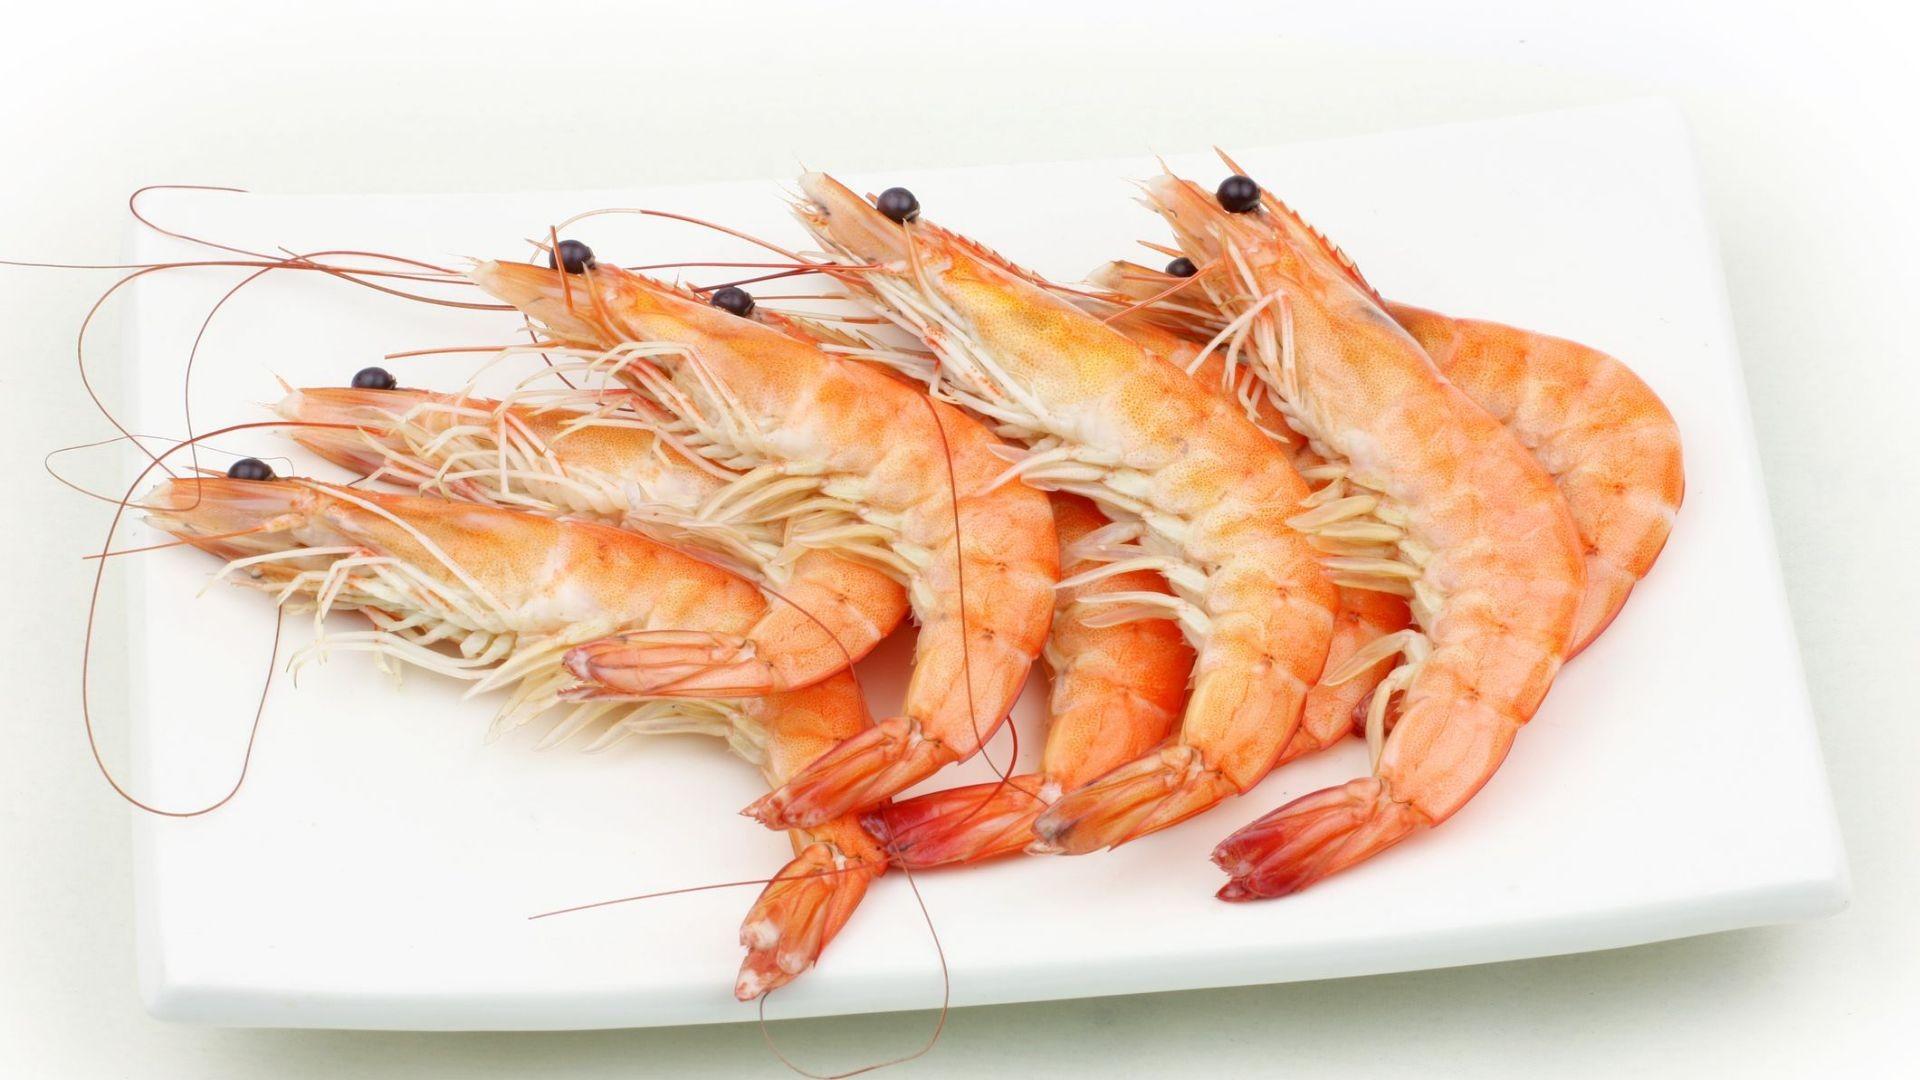 Restaurante especializado en mariscos en Molina de Segura